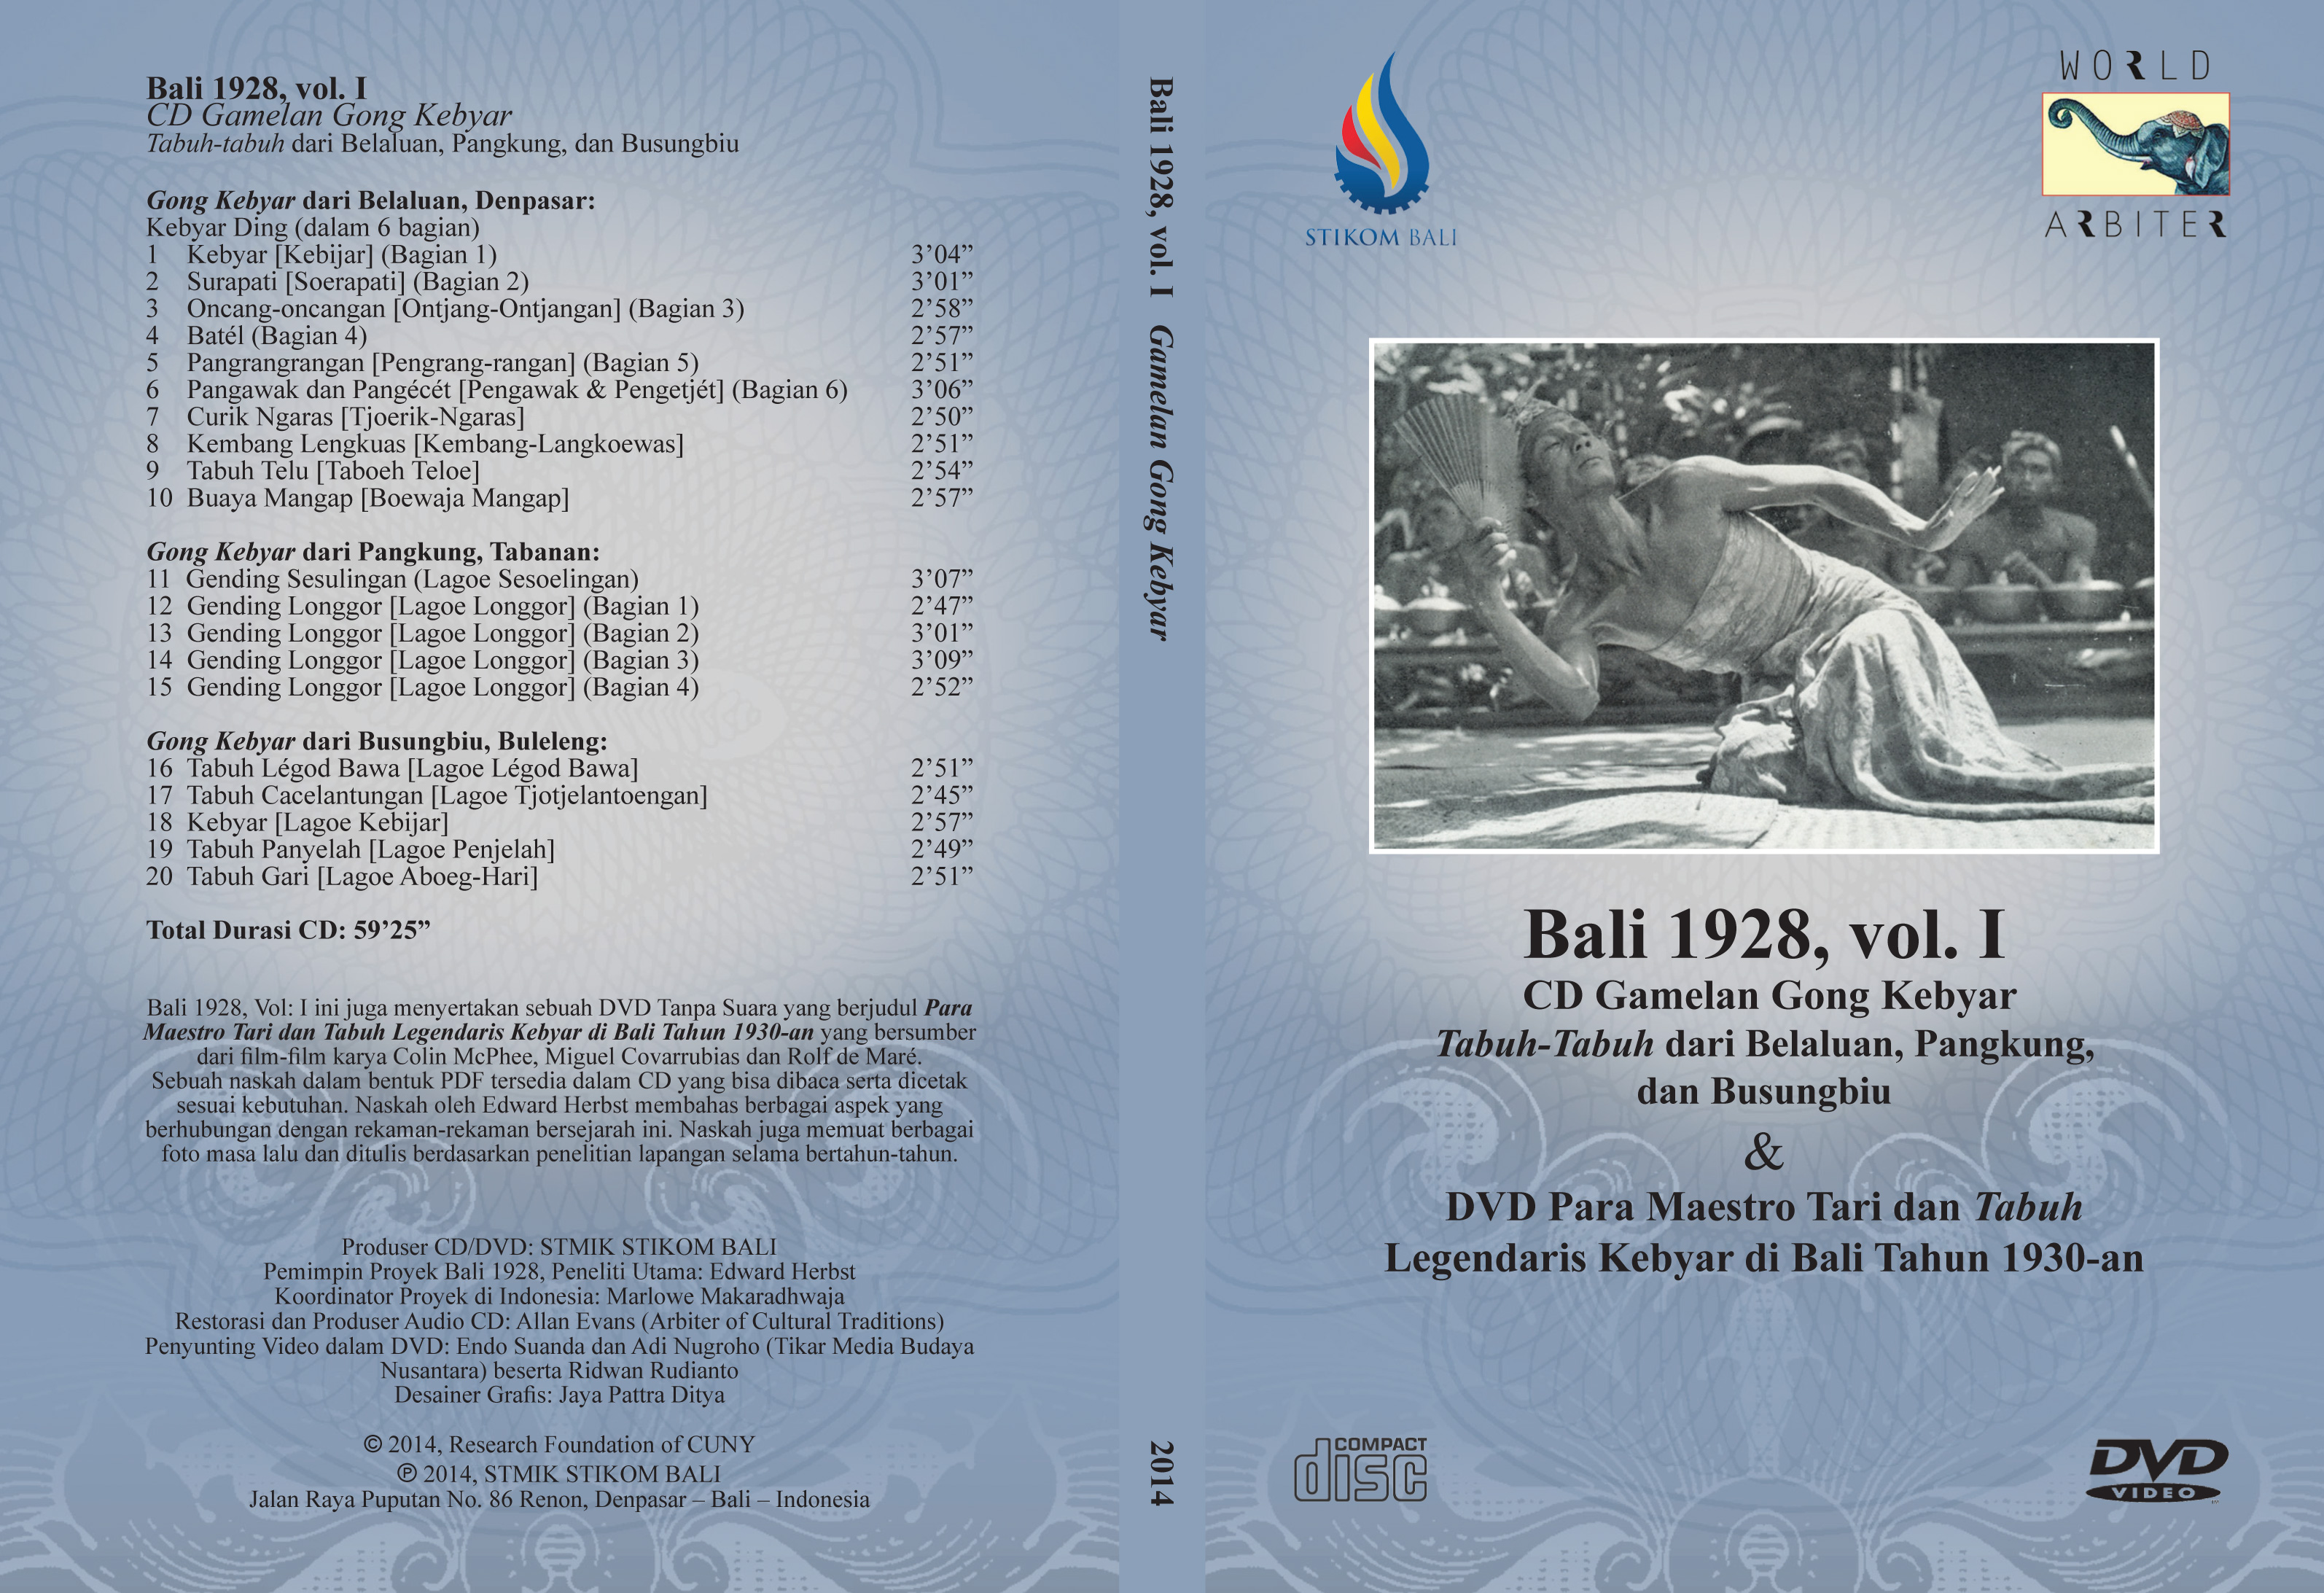 Bali 1928, Vol I: Gamelan Gong Kebyar